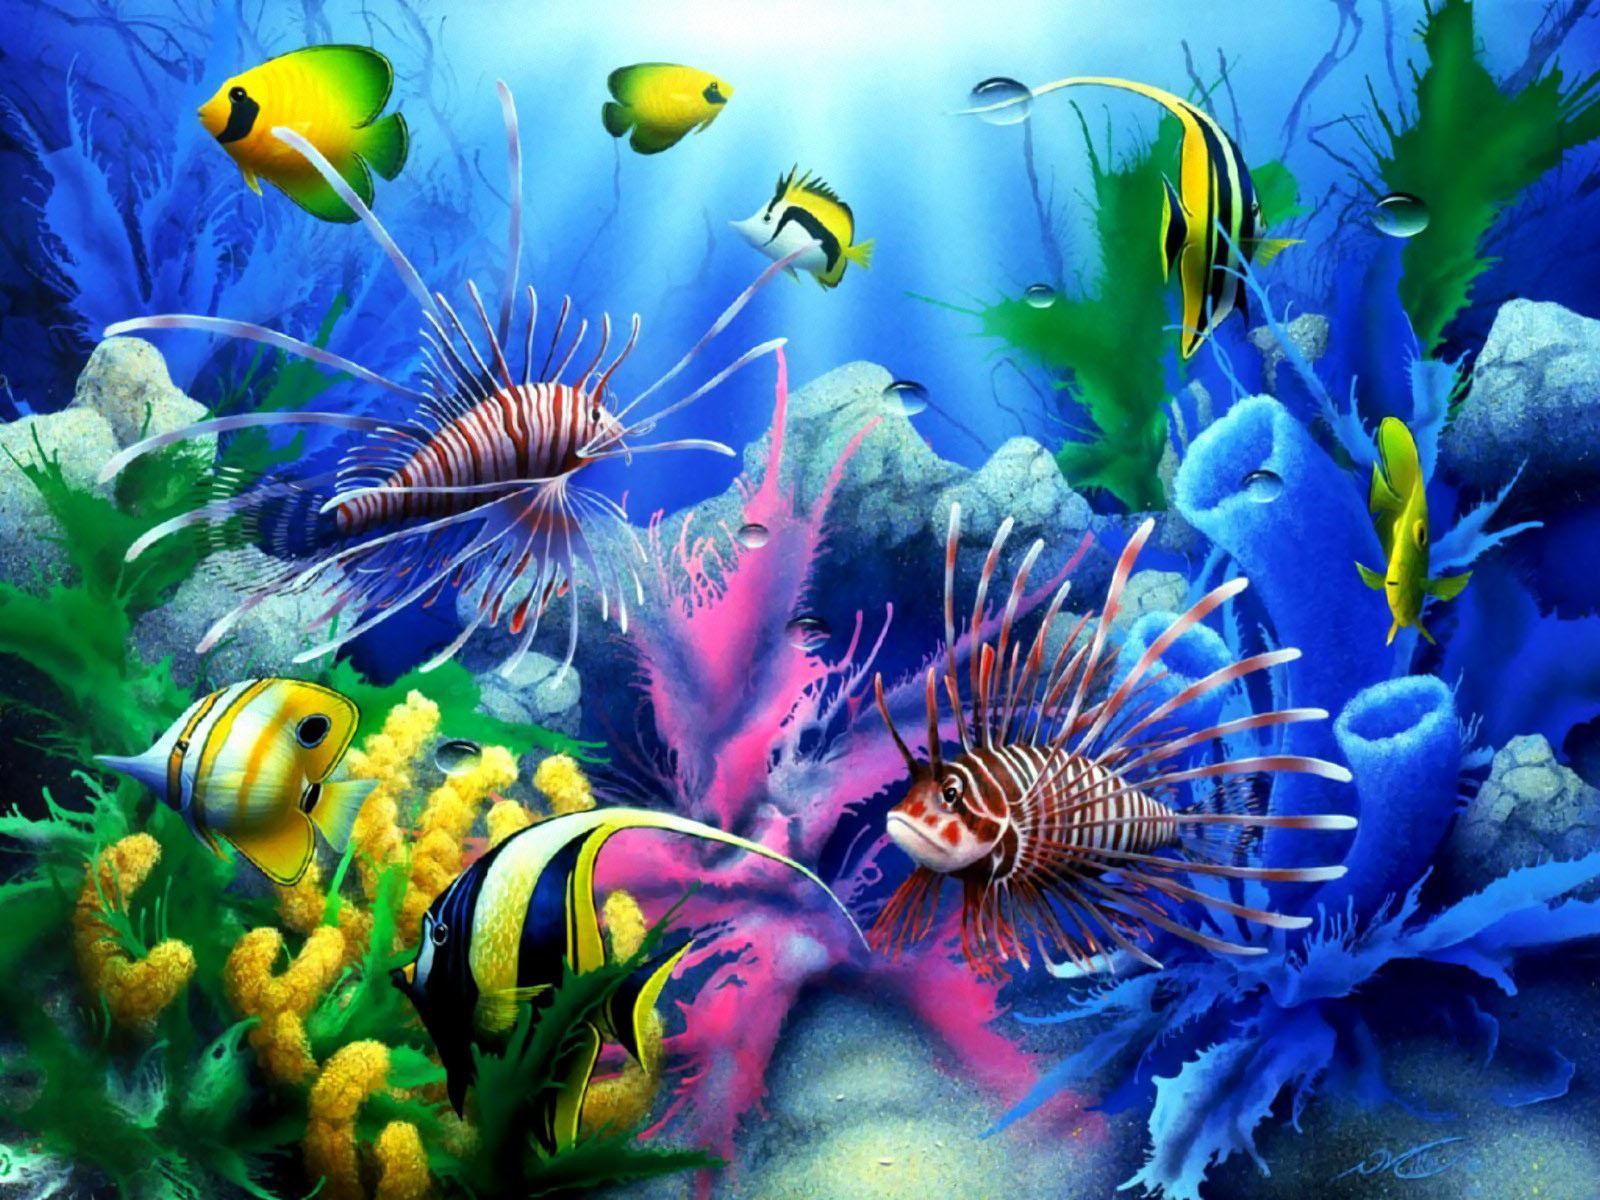 Обои фото море рыбы подводный мир